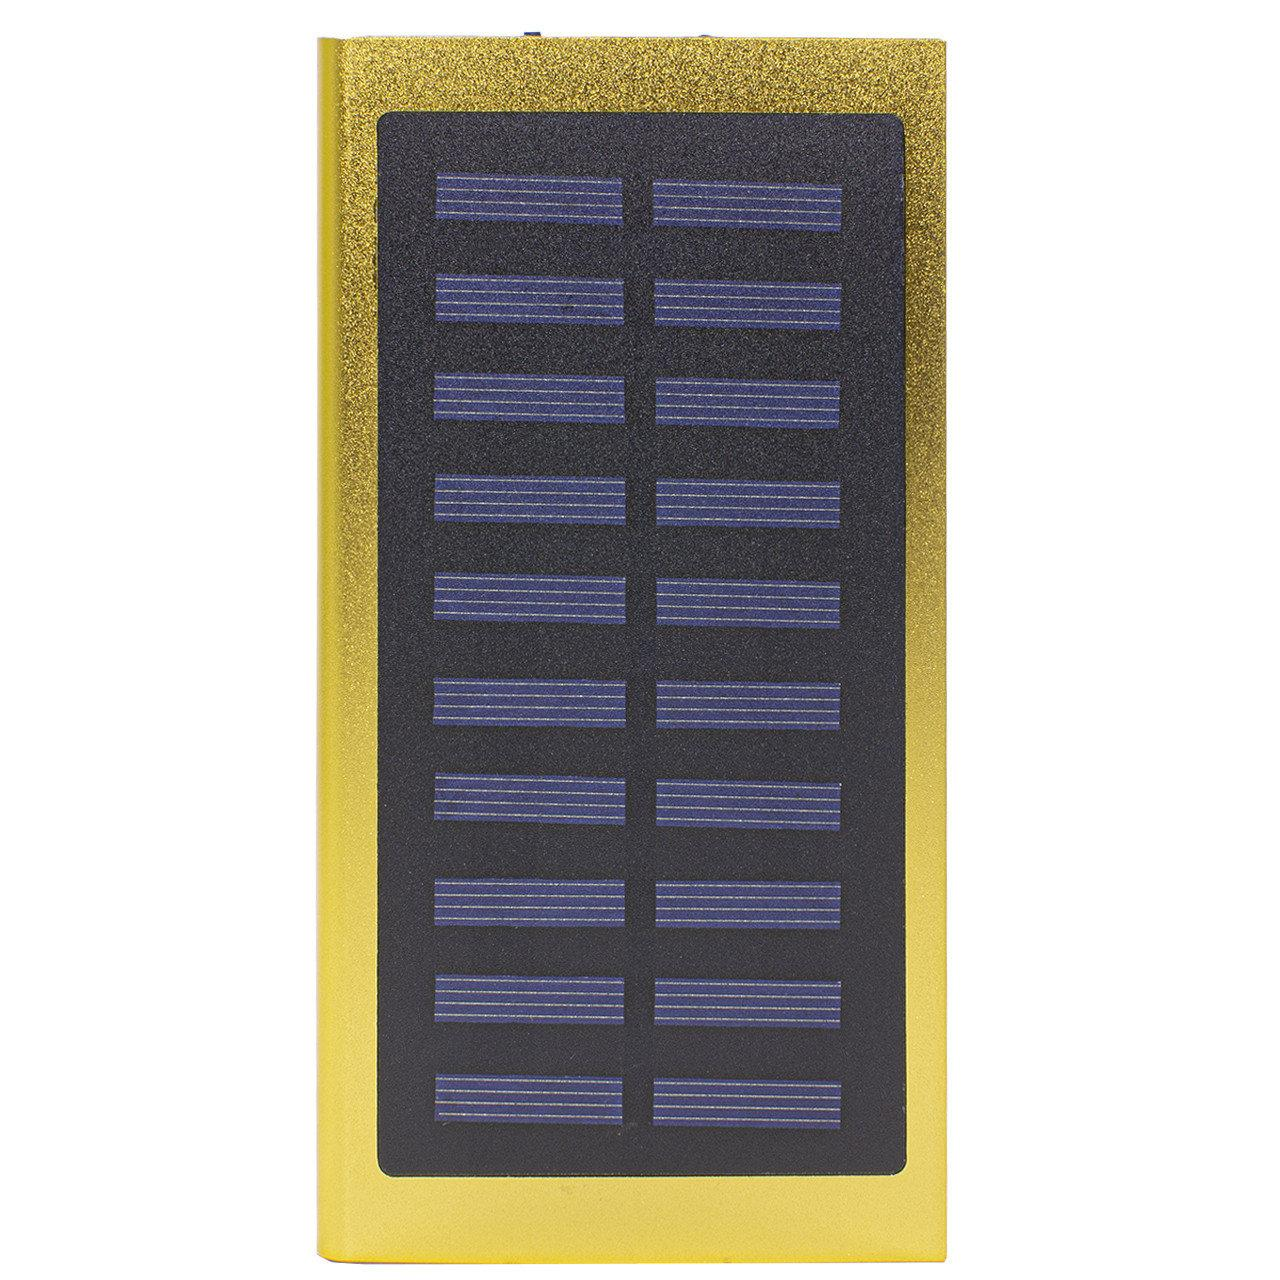 ➜Внешний аккумулятор Solar Water Cube Gold 20000 mAh зарядное для телефонов планшетов солнечная батарея 2хUSB